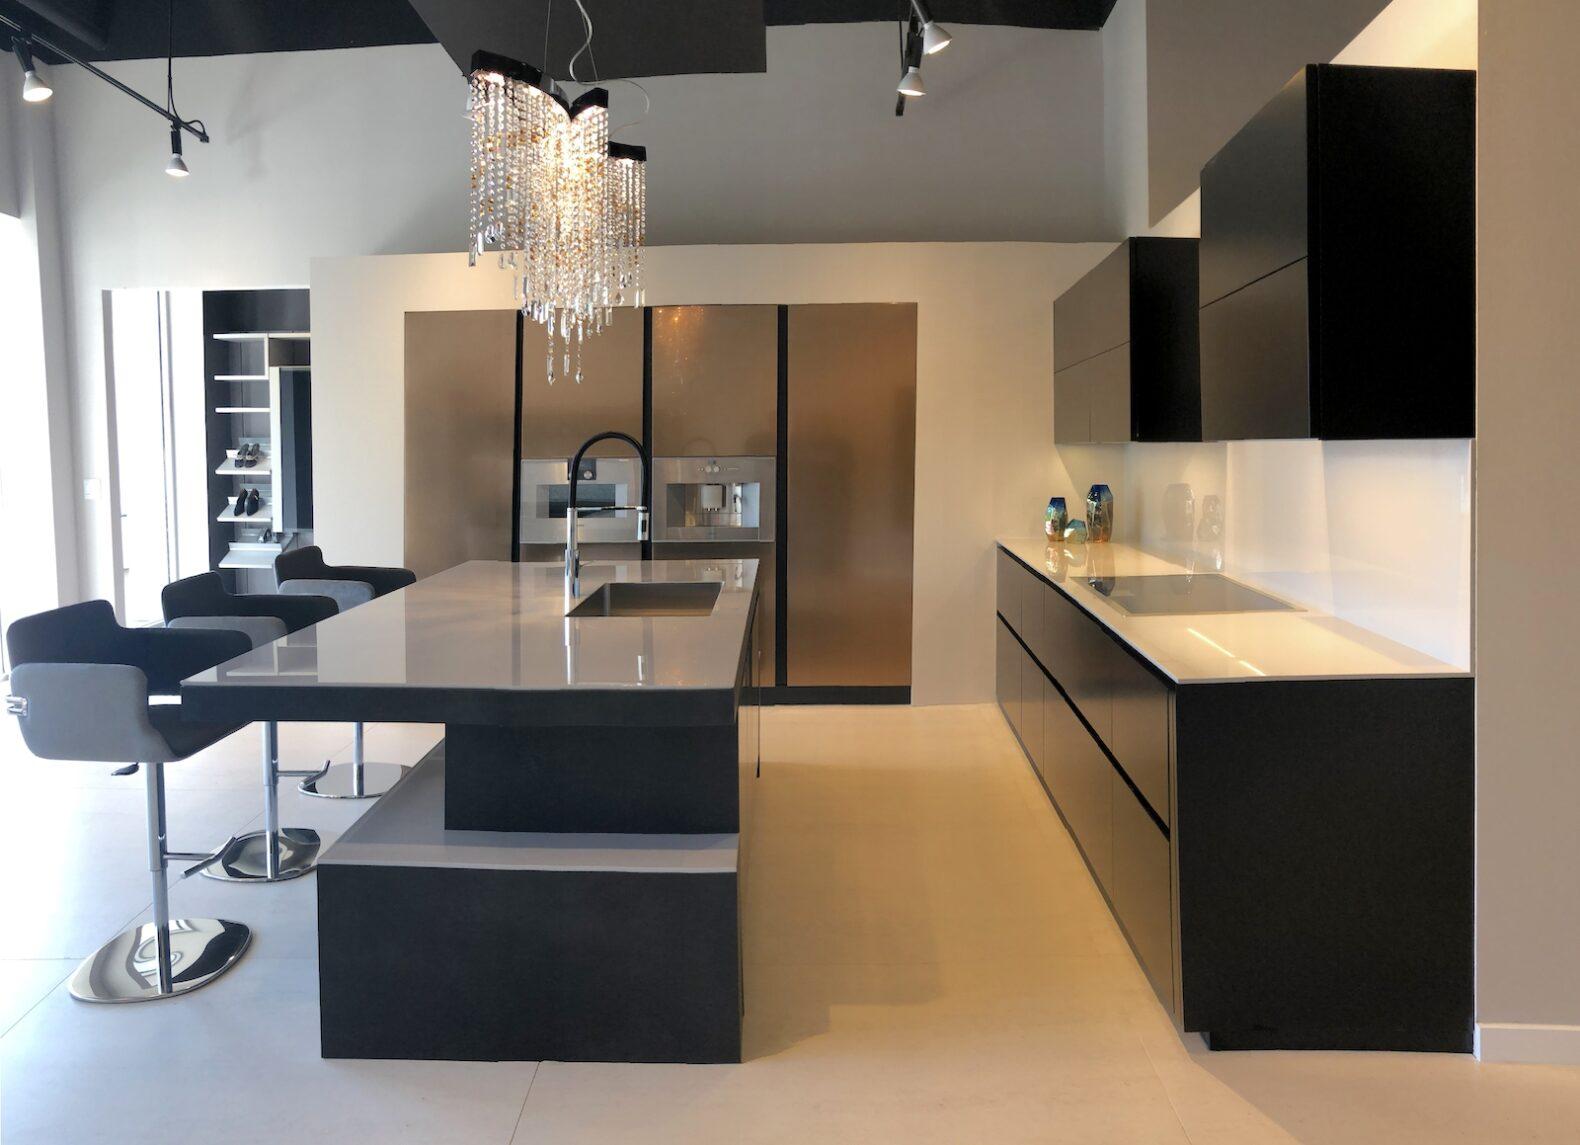 Armony Bronze Lux kitchen